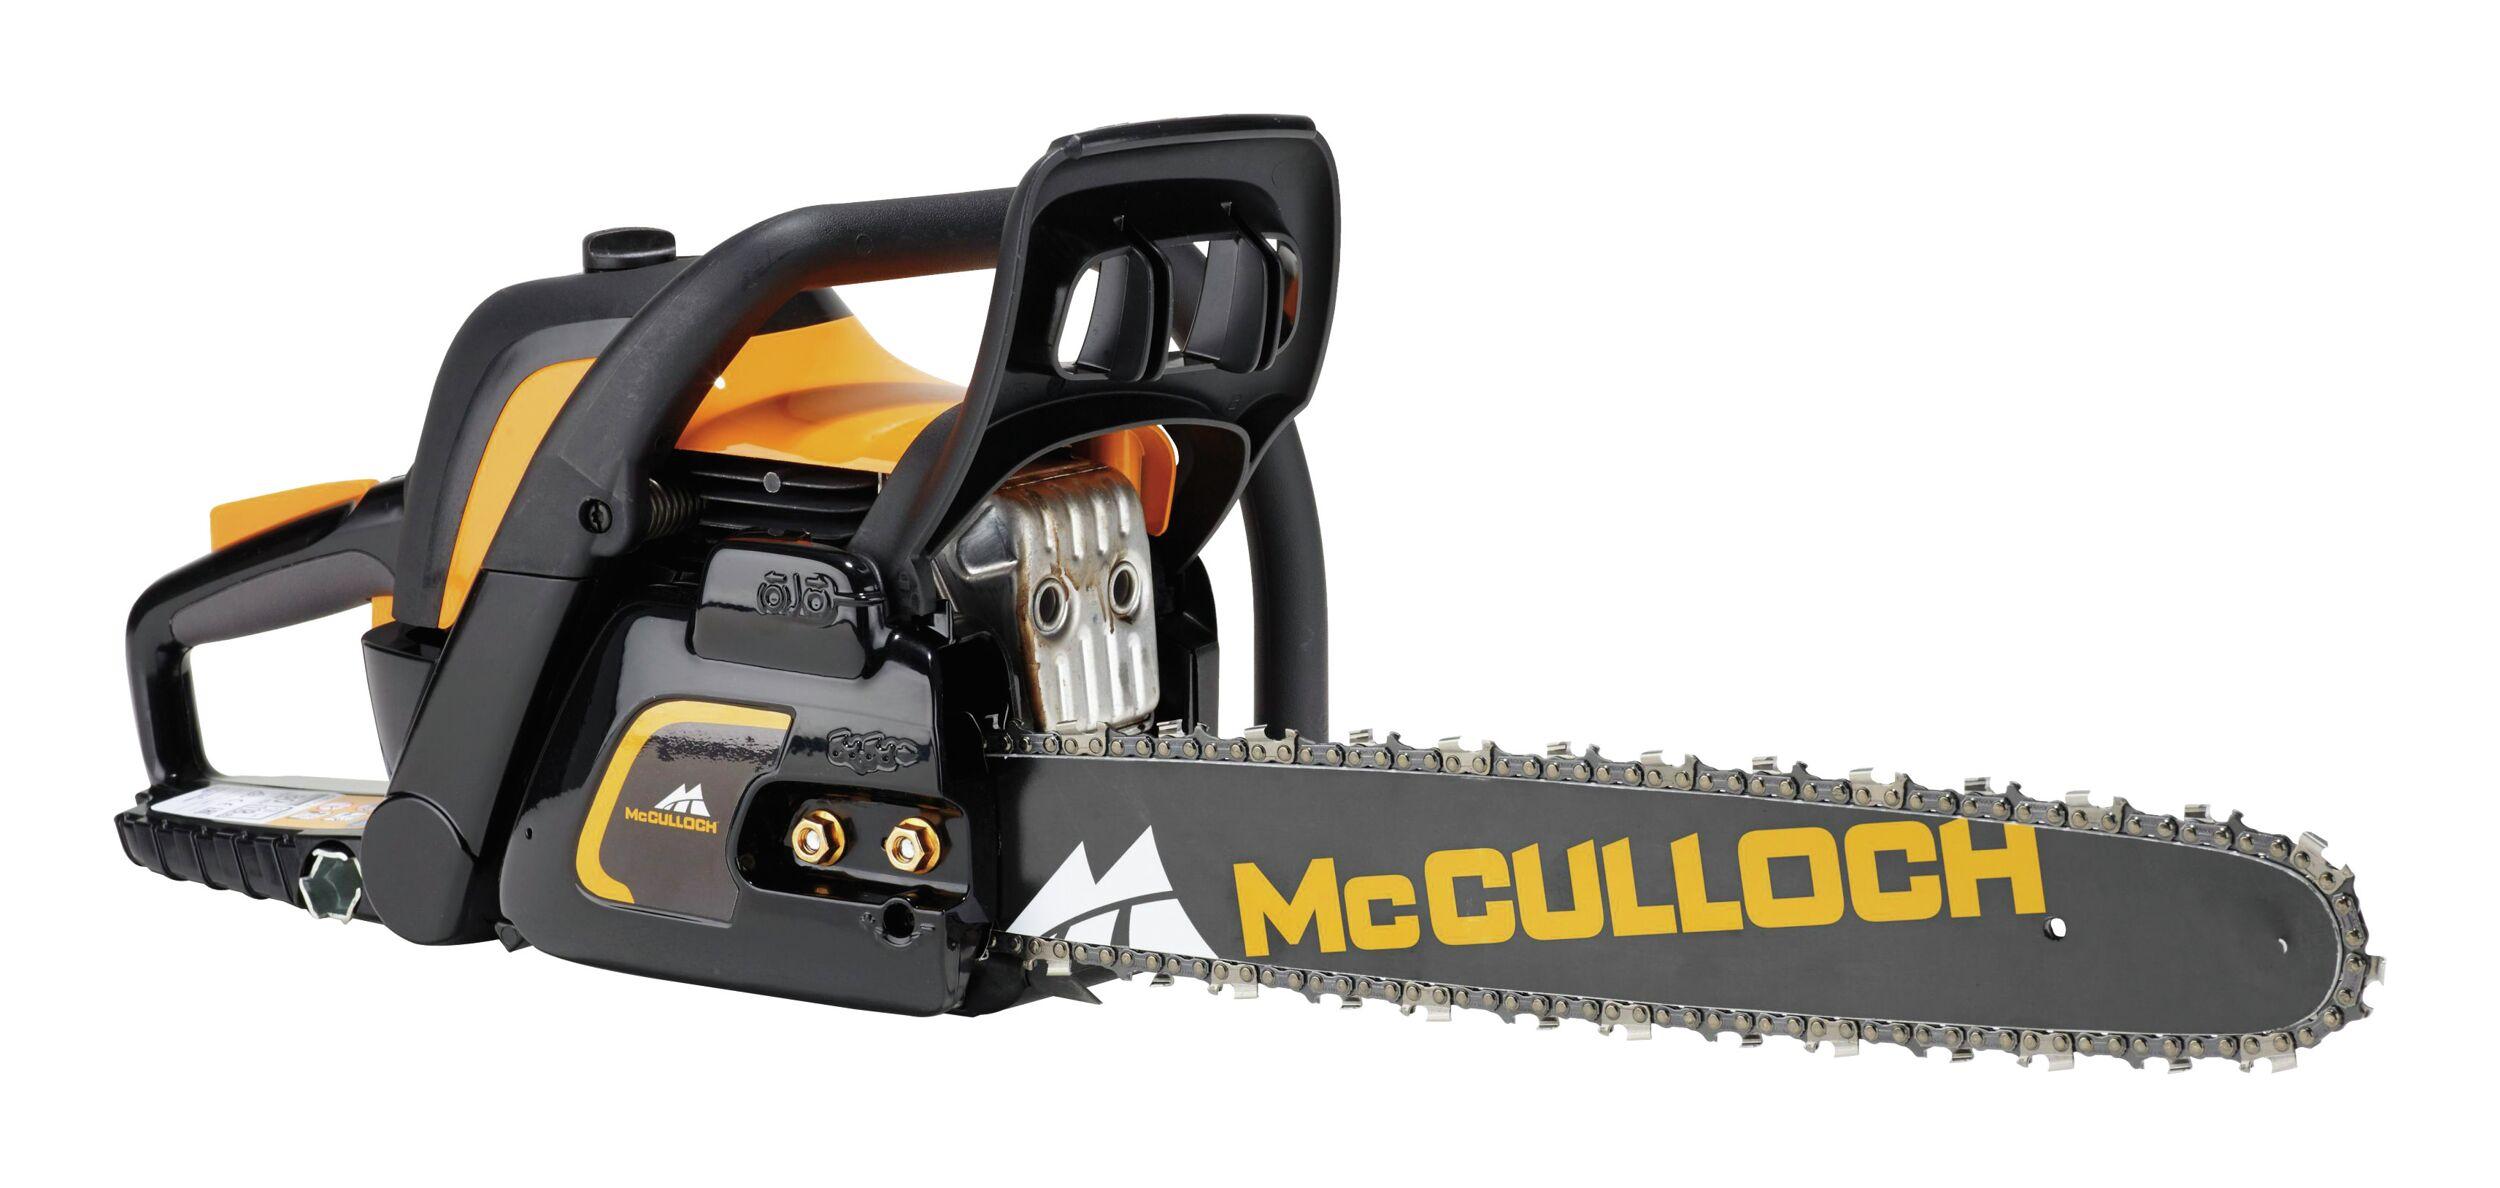 McCulloch Benzin-Kettensäge CS50S